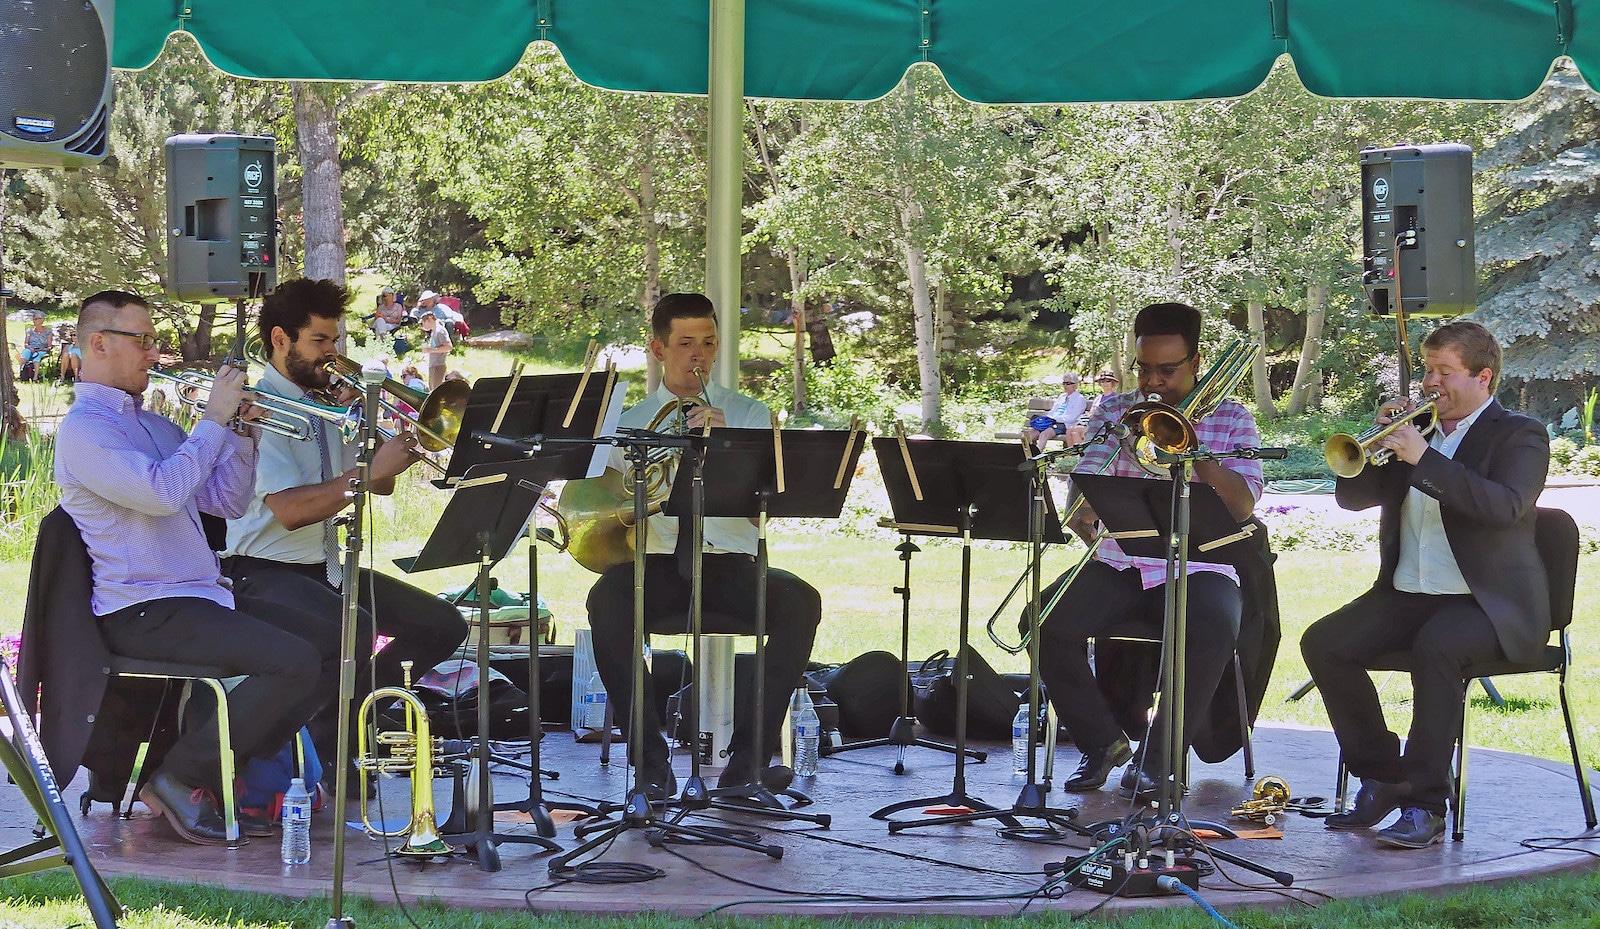 Gambar pertunjukan musik di Music on the Green di Steamboat Springs, Colorado